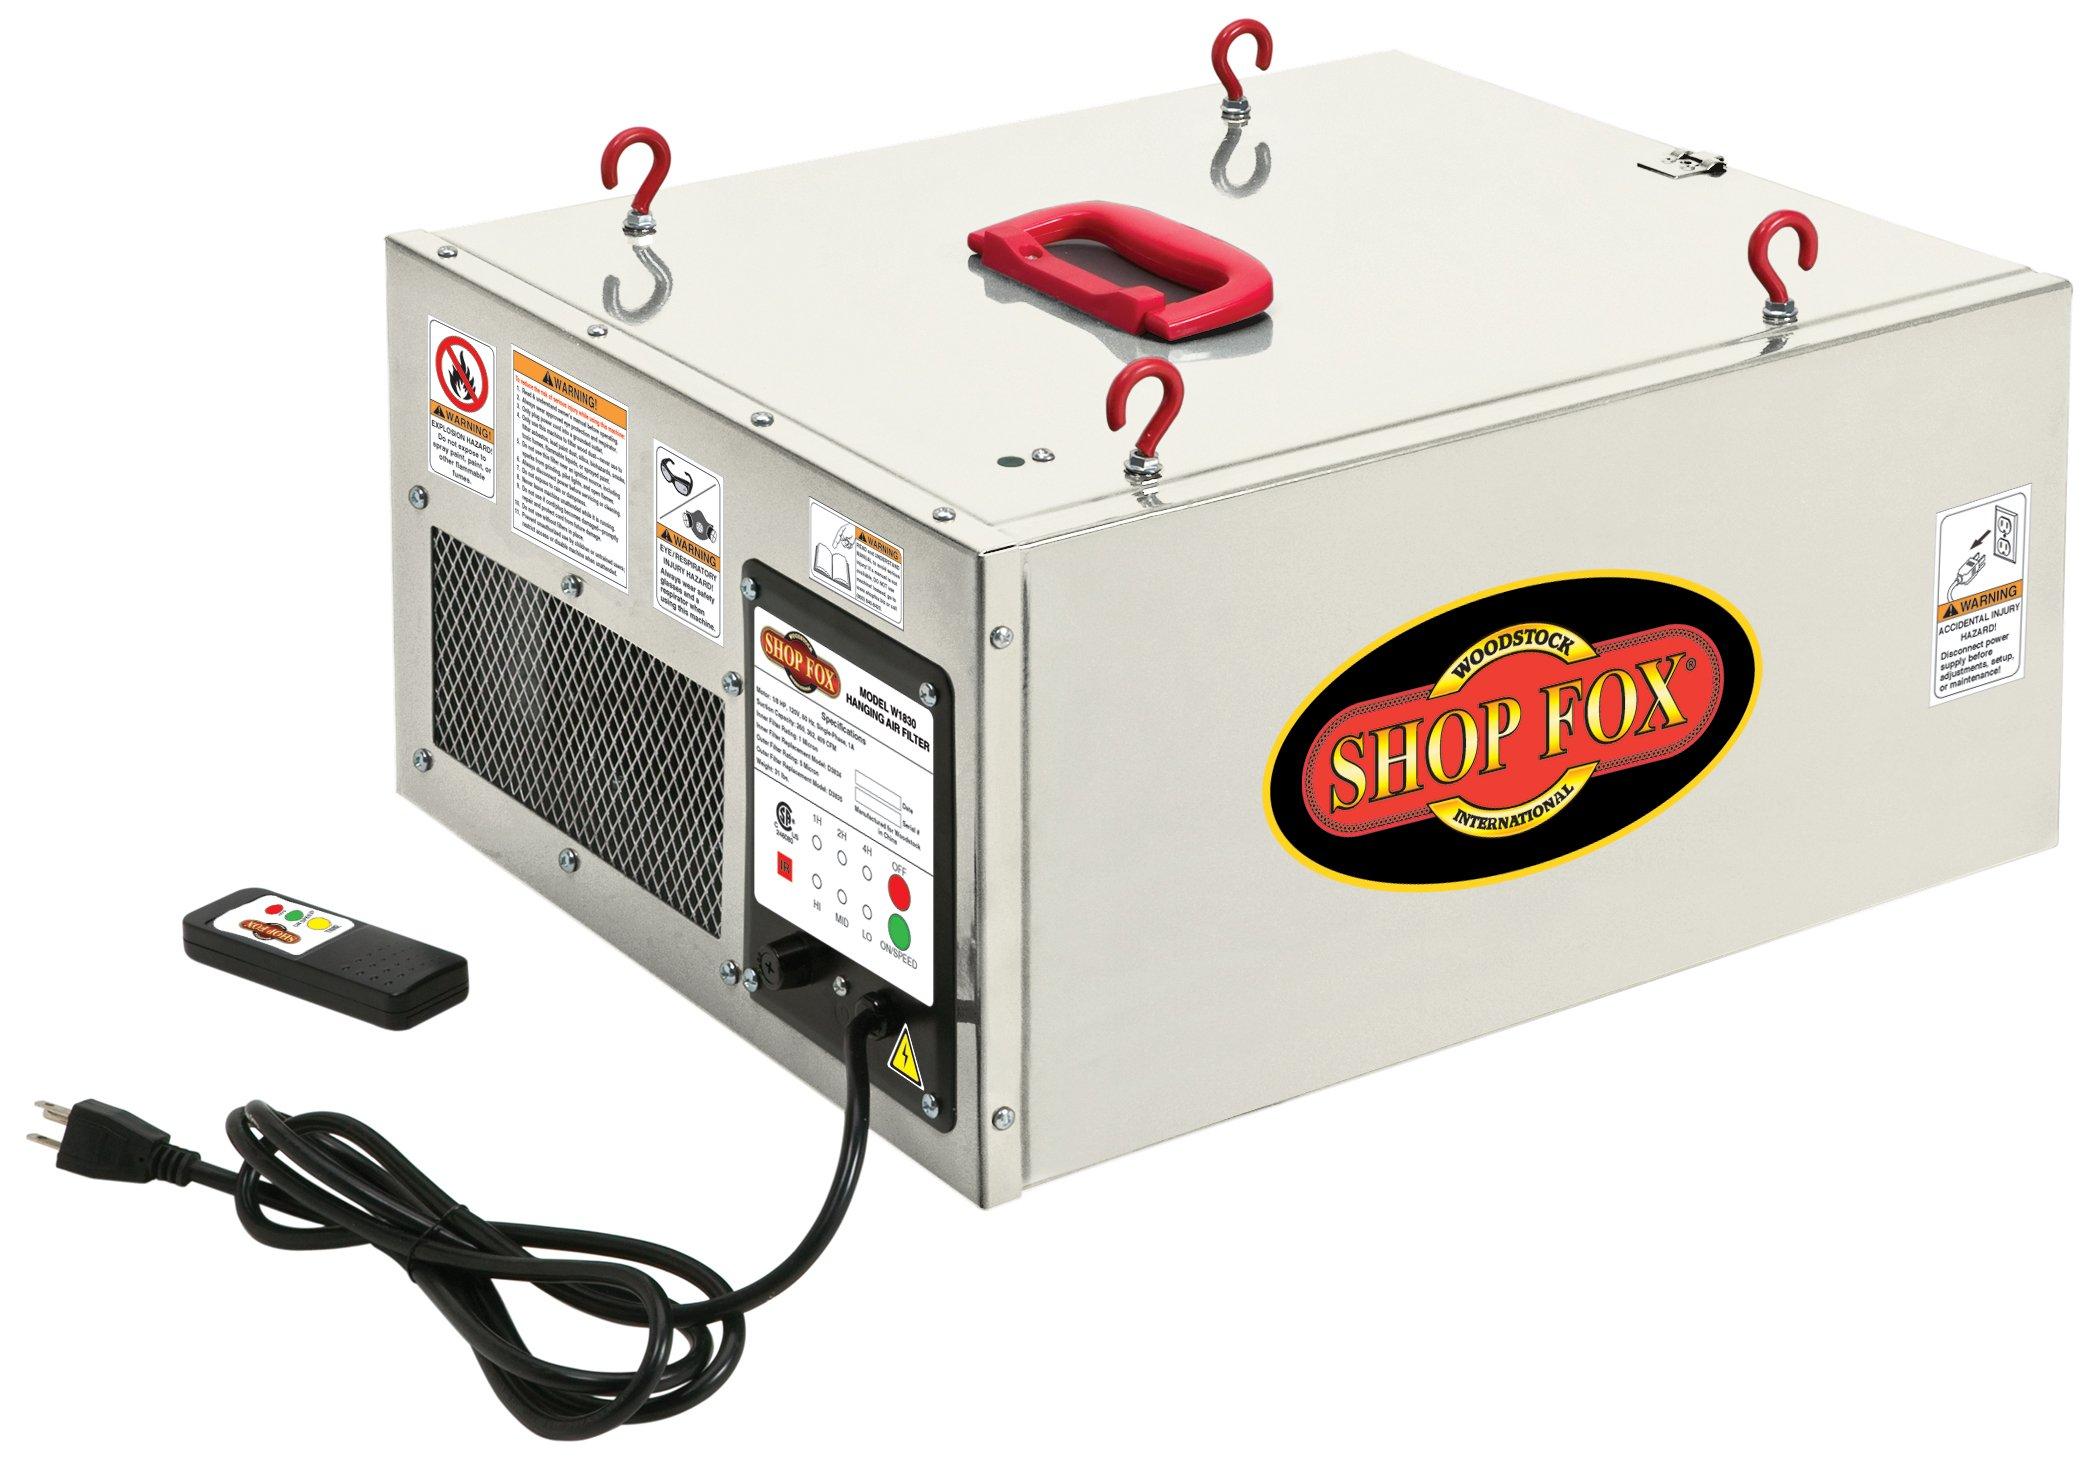 Shop Fox W1830 Air Filter